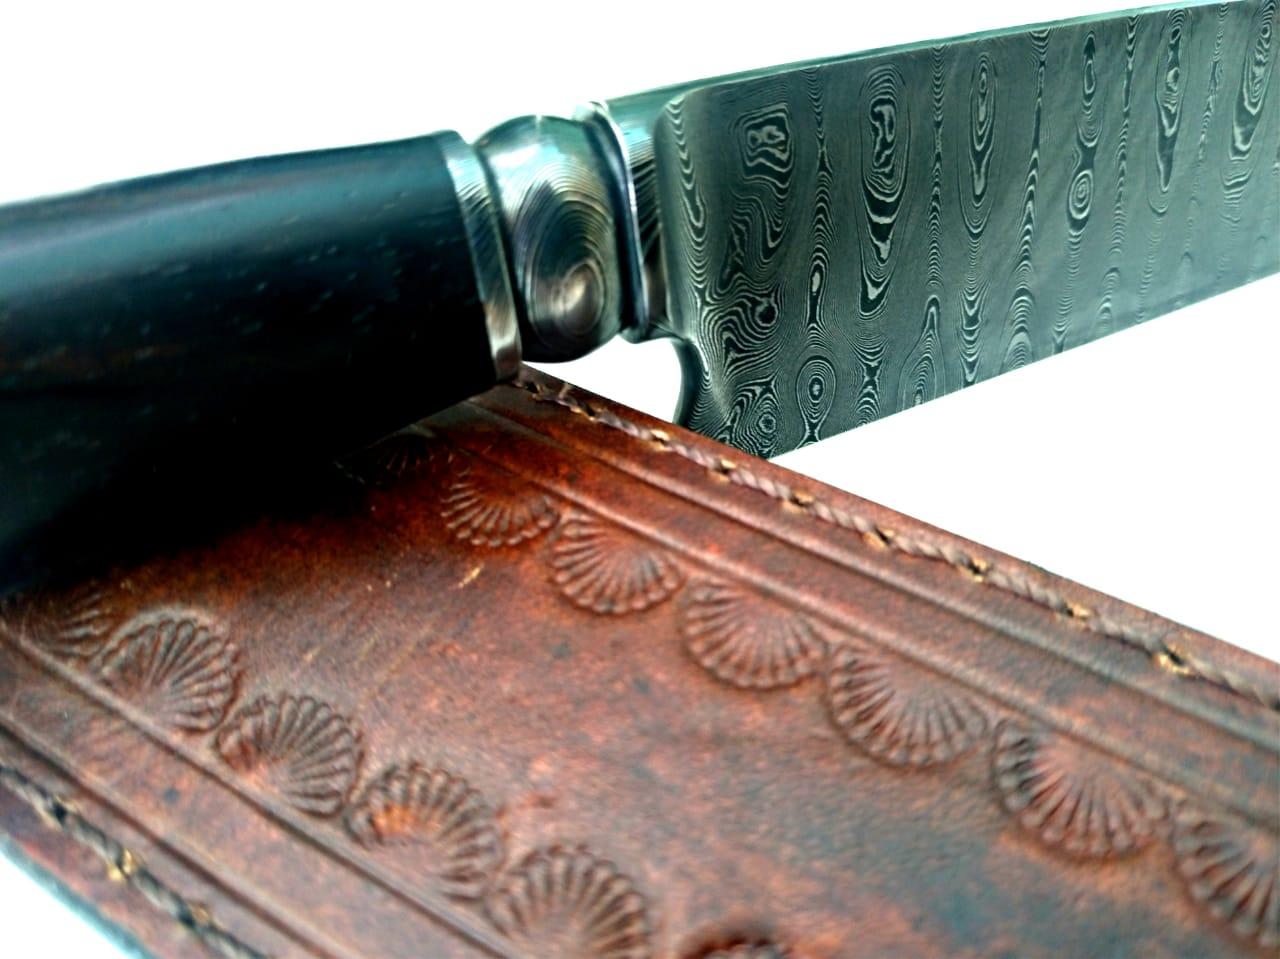 Faca artesanal forjada gaúcha em aço de damasco Ismael Biegelmeier